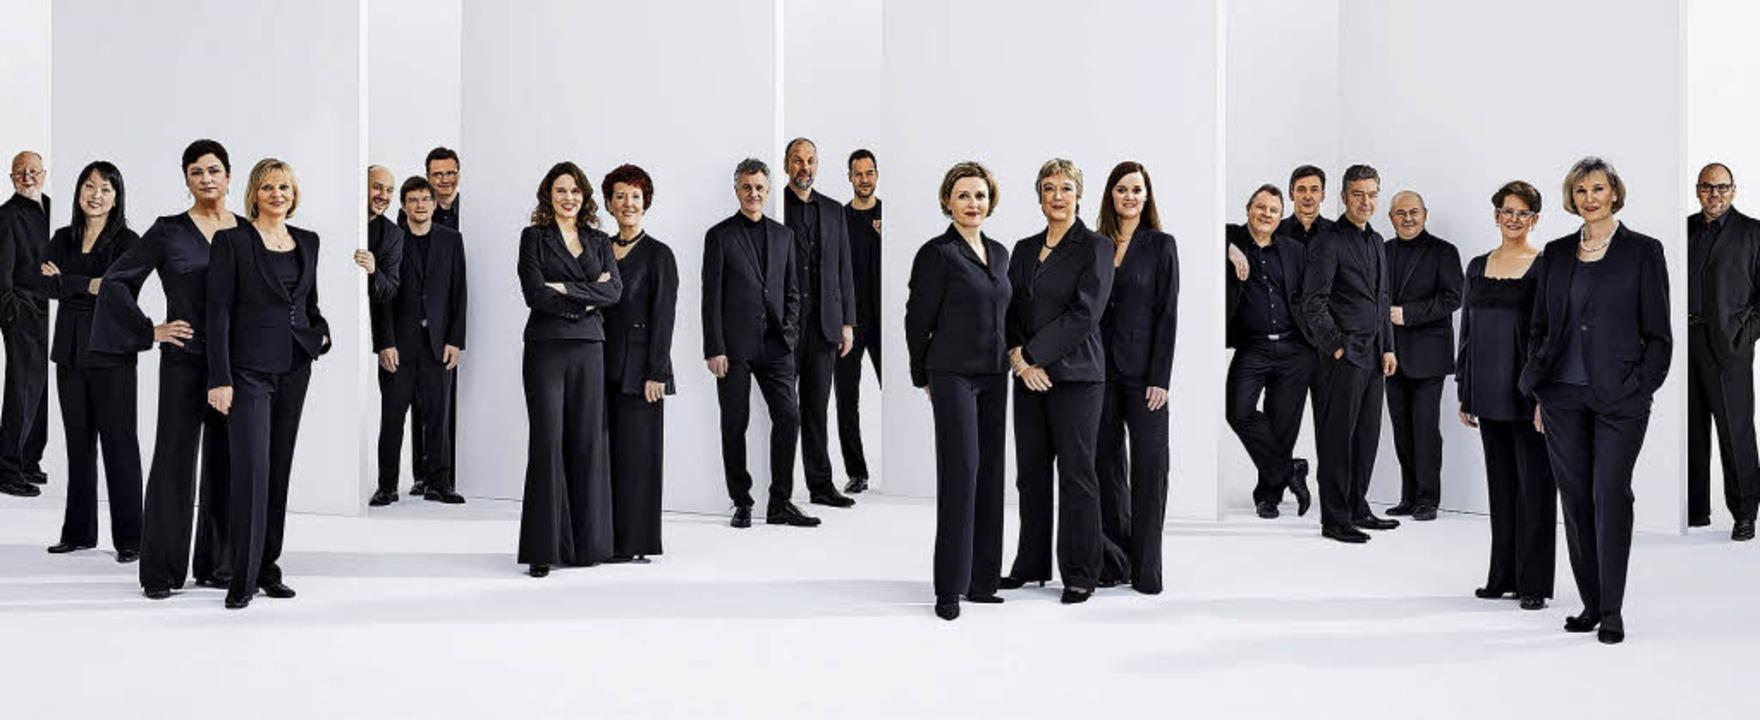 Beeindruckend souverän: die Profis vom SWR Vokalensemble Stuttgart  | Foto: SWR